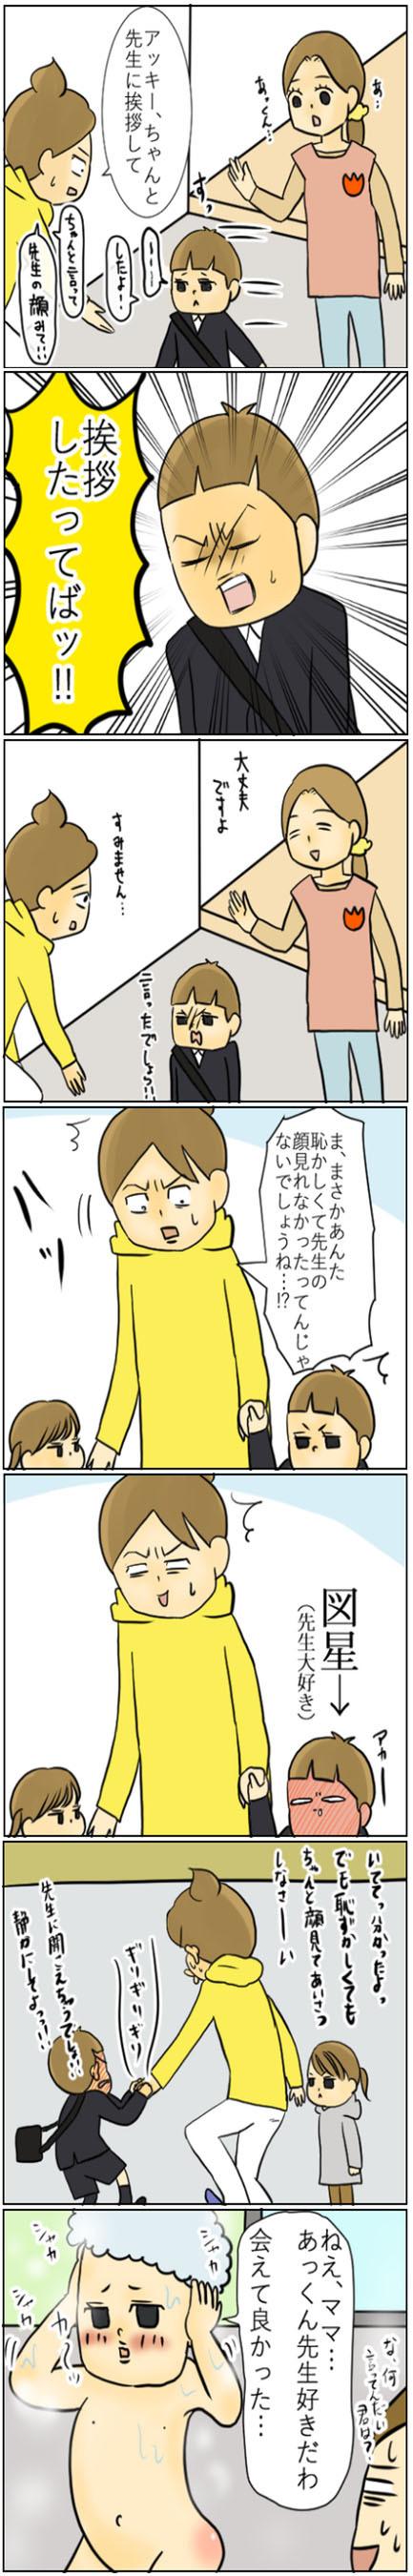 お風呂あがりは○○に変身!?思わず笑っちゃう♡3歳男子のおもしろ発言まとめの画像1